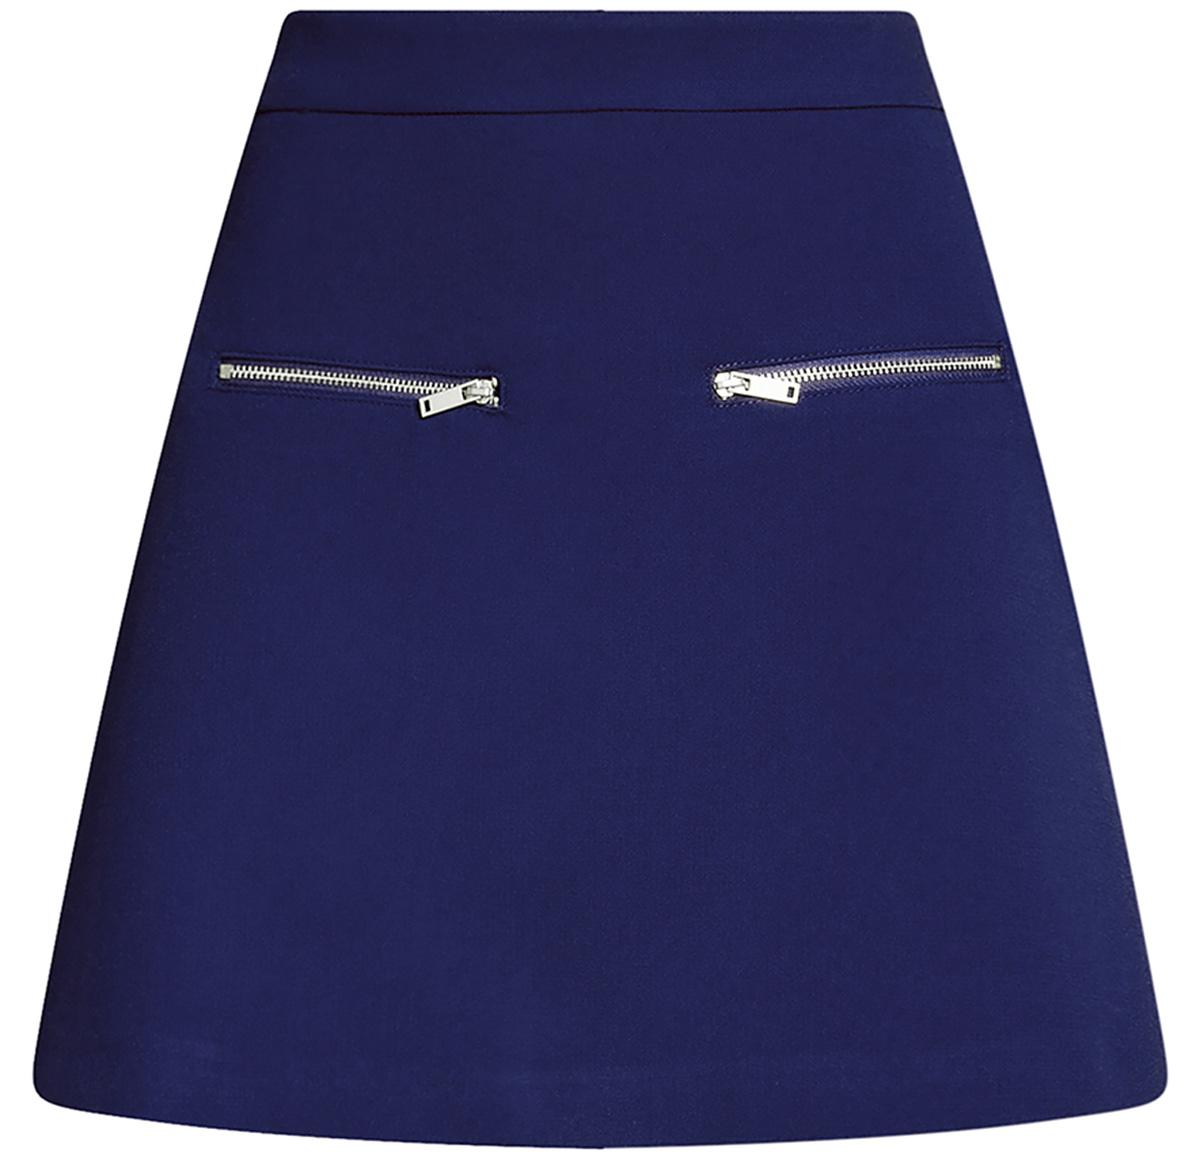 Юбка oodji Ultra, цвет: синий. 11600436/31291/7500N. Размер 34-170 (40-170)11600436/31291/7500NСтильная мини--юбка в форме трапеции выполнена из высококачественного материала. Спереди модель декорирована металлическими молниями. Сзади юбка застегивается на потайную застежку-молнию.